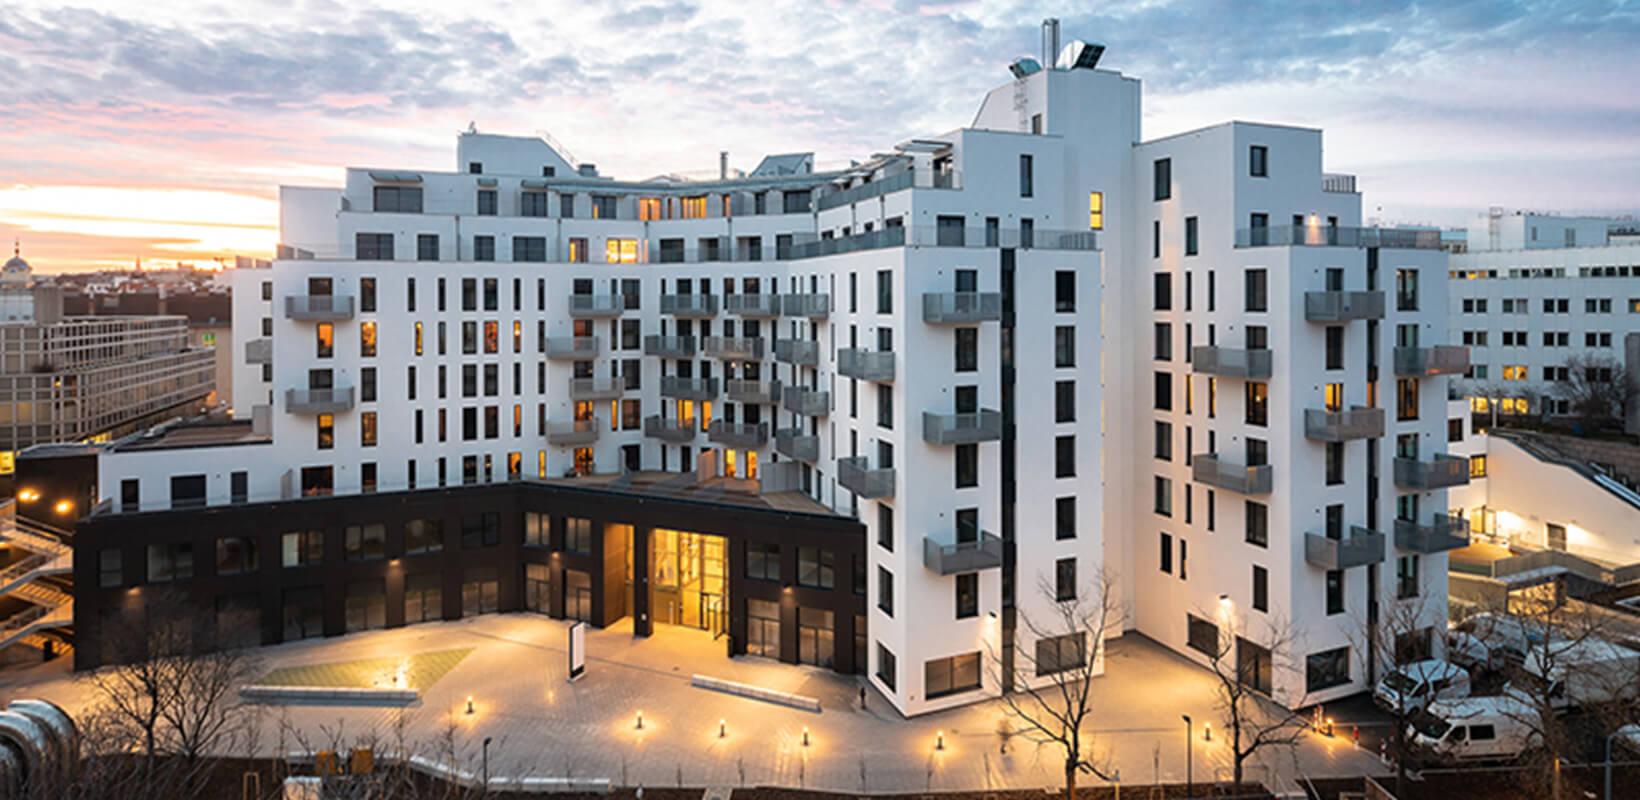 Večerní pohled na bytový komplex Althan Park, Vídeň, Rakousko